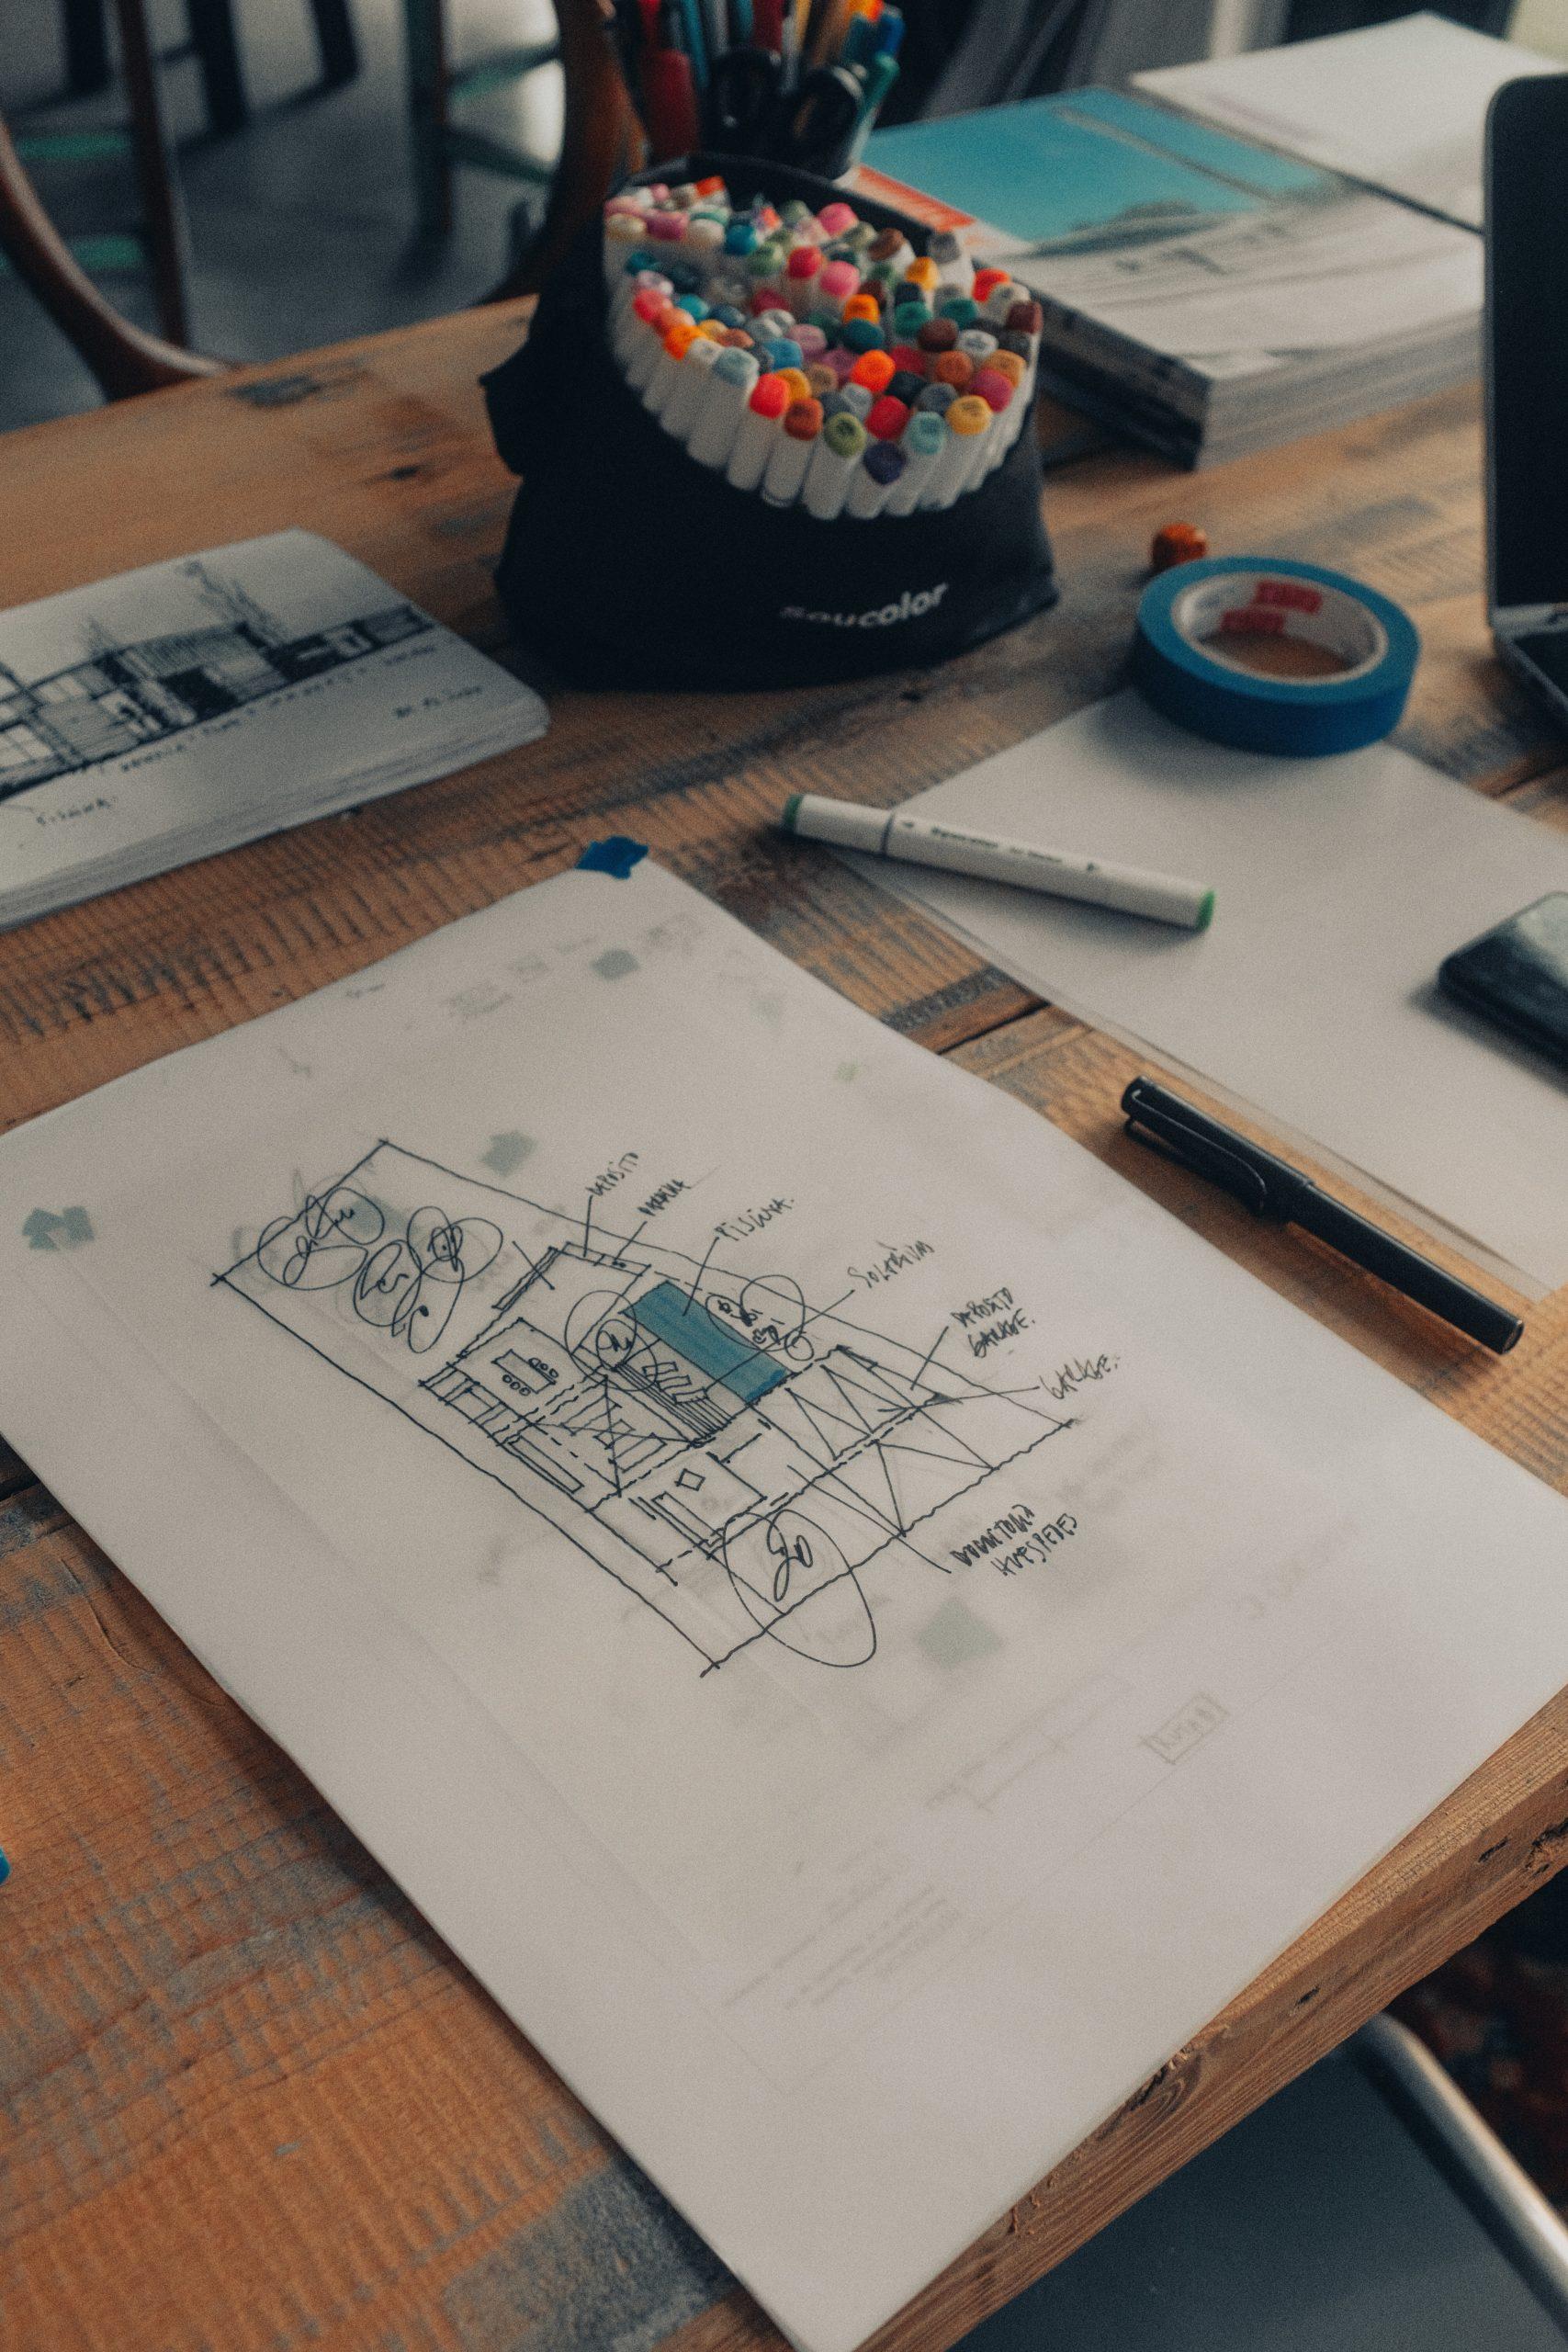 white printer paper beside pen and pen